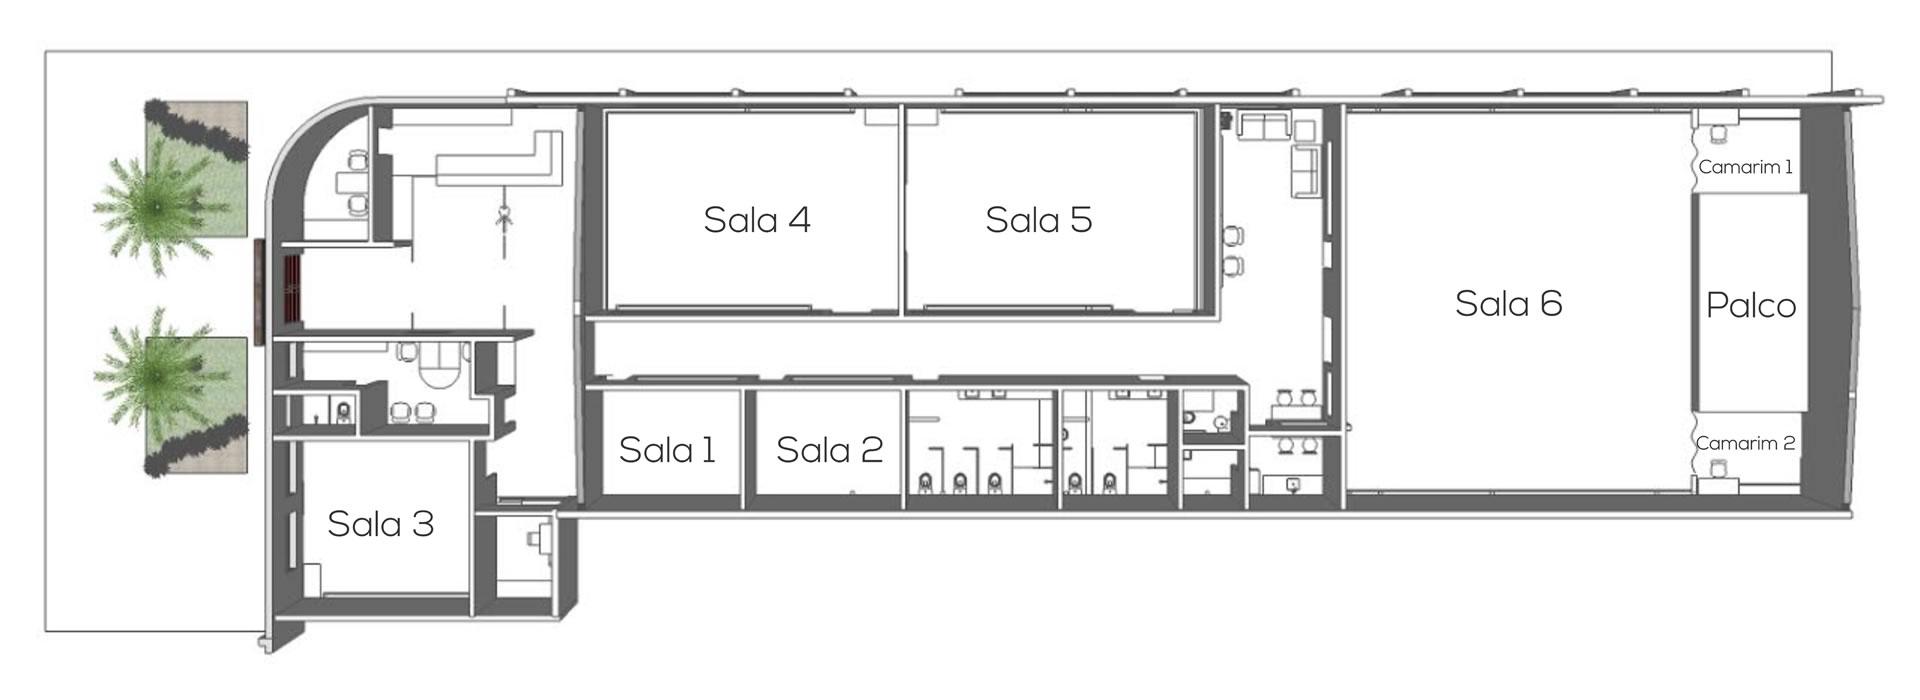 Estrutura Cenarium - Ambiente aconchegante e acolhedor de dança